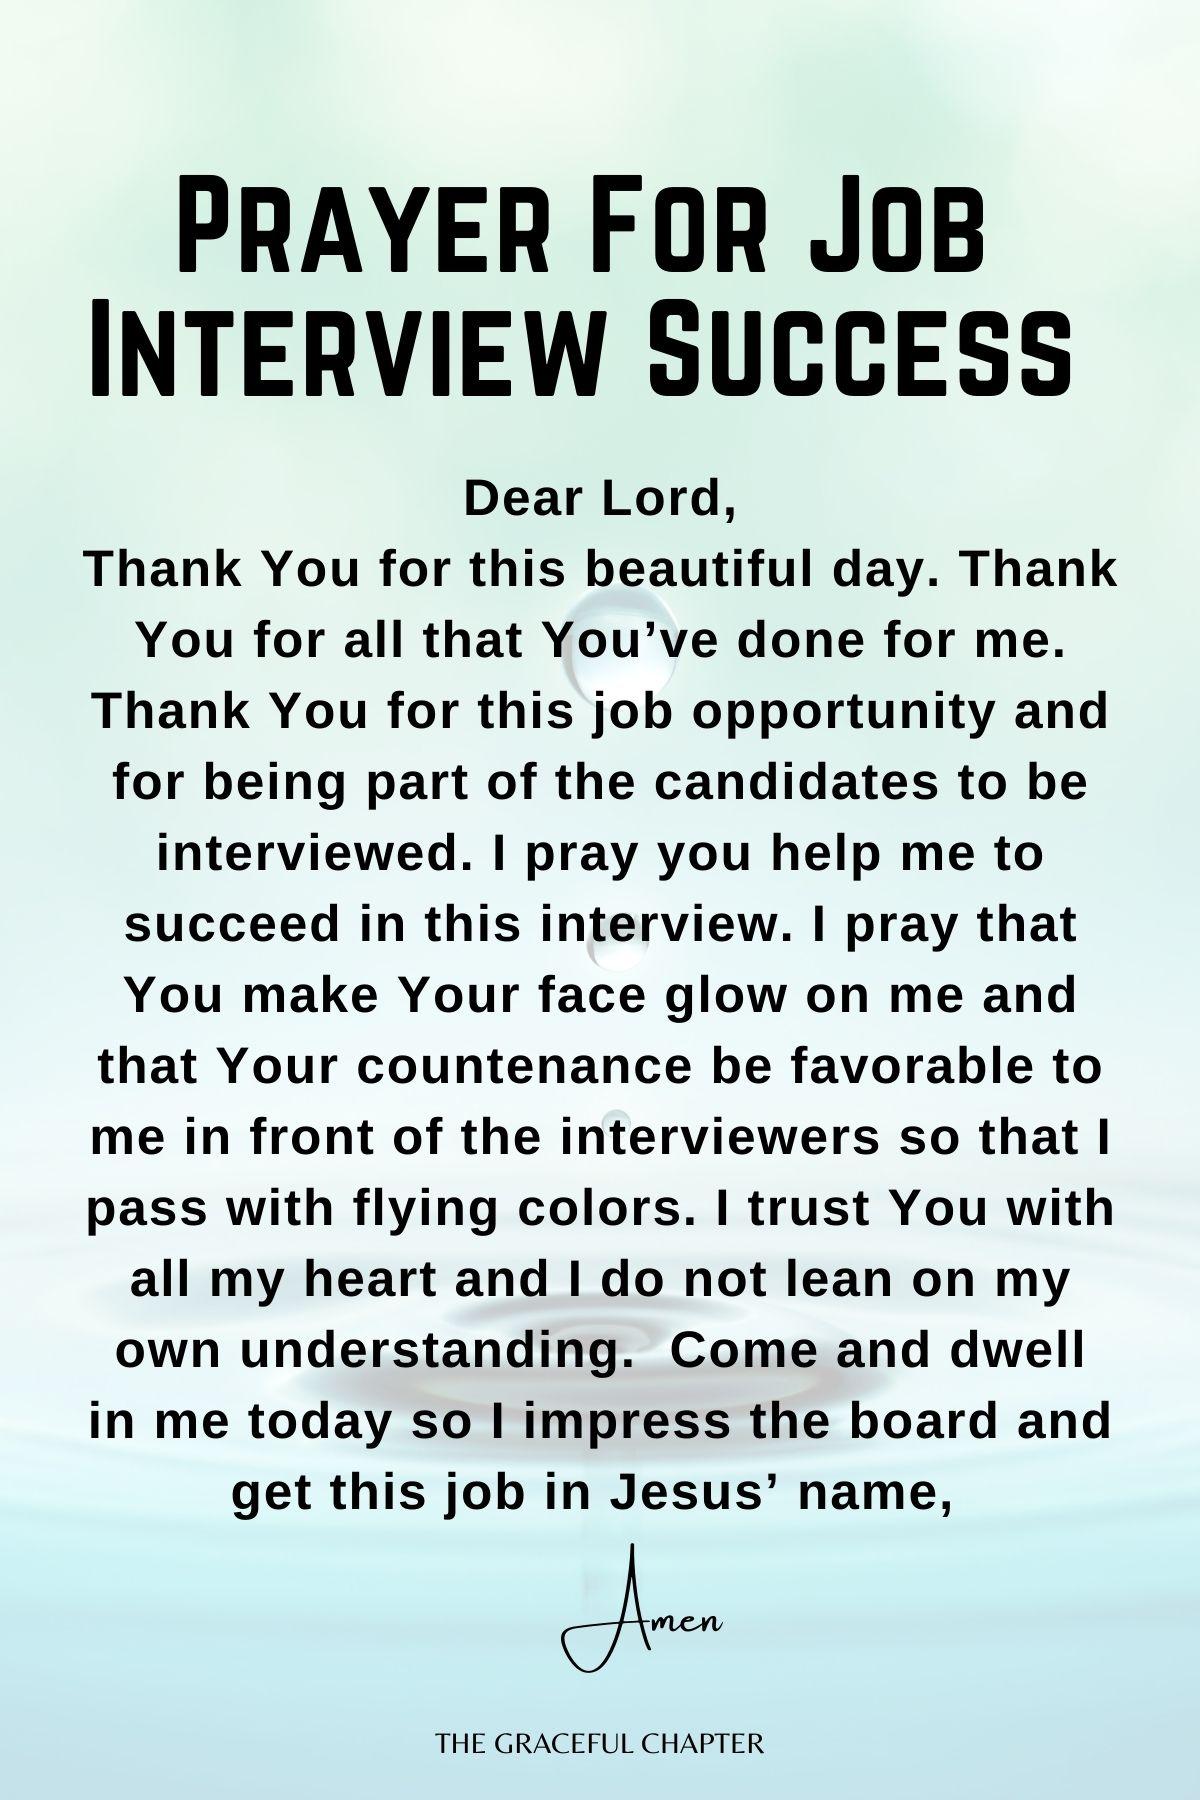 Prayer for job interview success